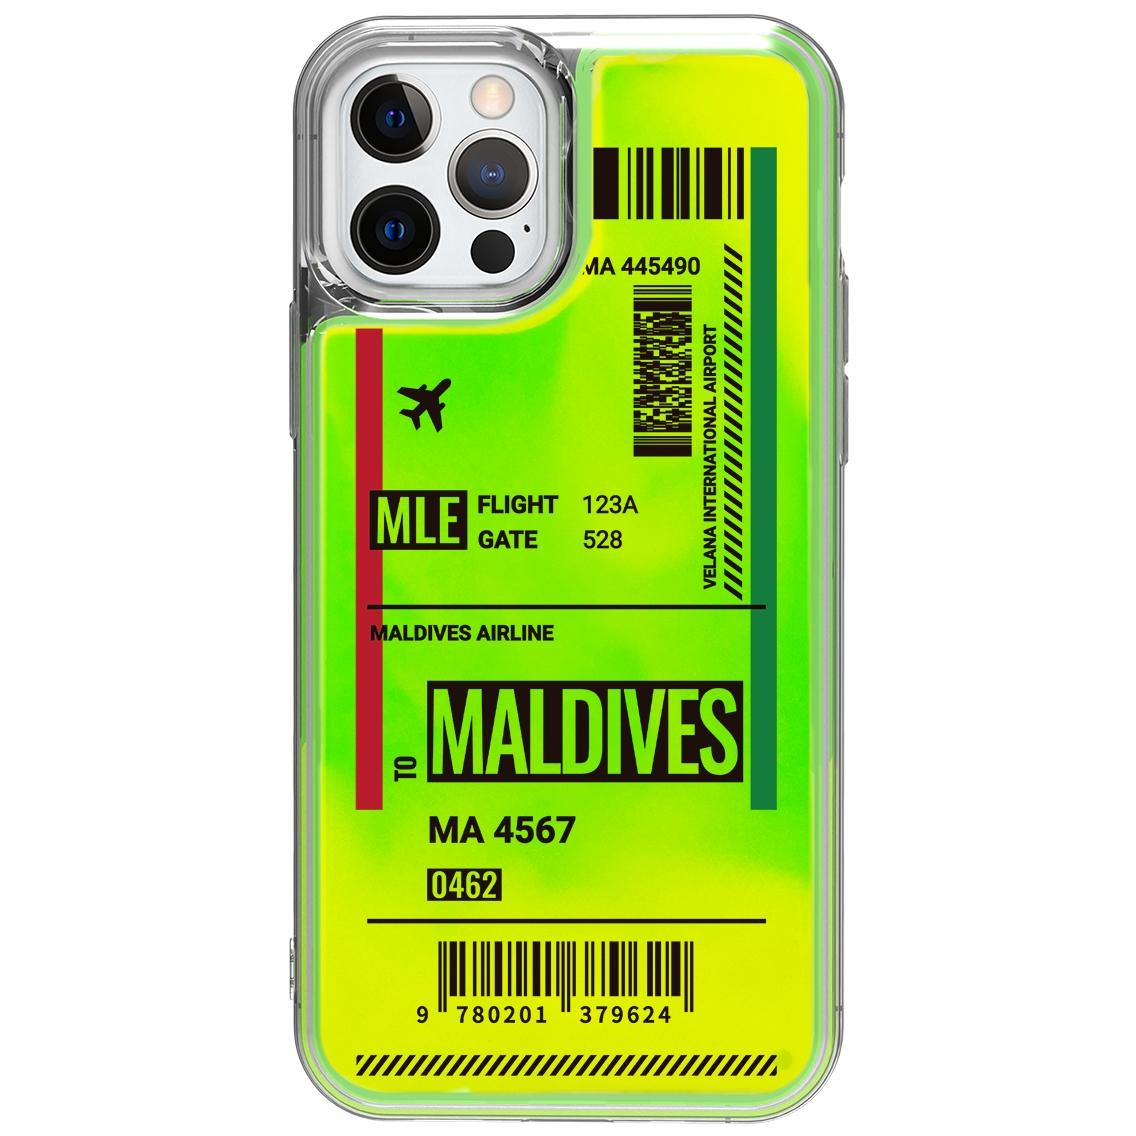 [아이폰13] 저스트포유 보딩2 네온 아쿠아 케이스 몰디브 아이폰13 mini - 랭킹4위 (13560원)